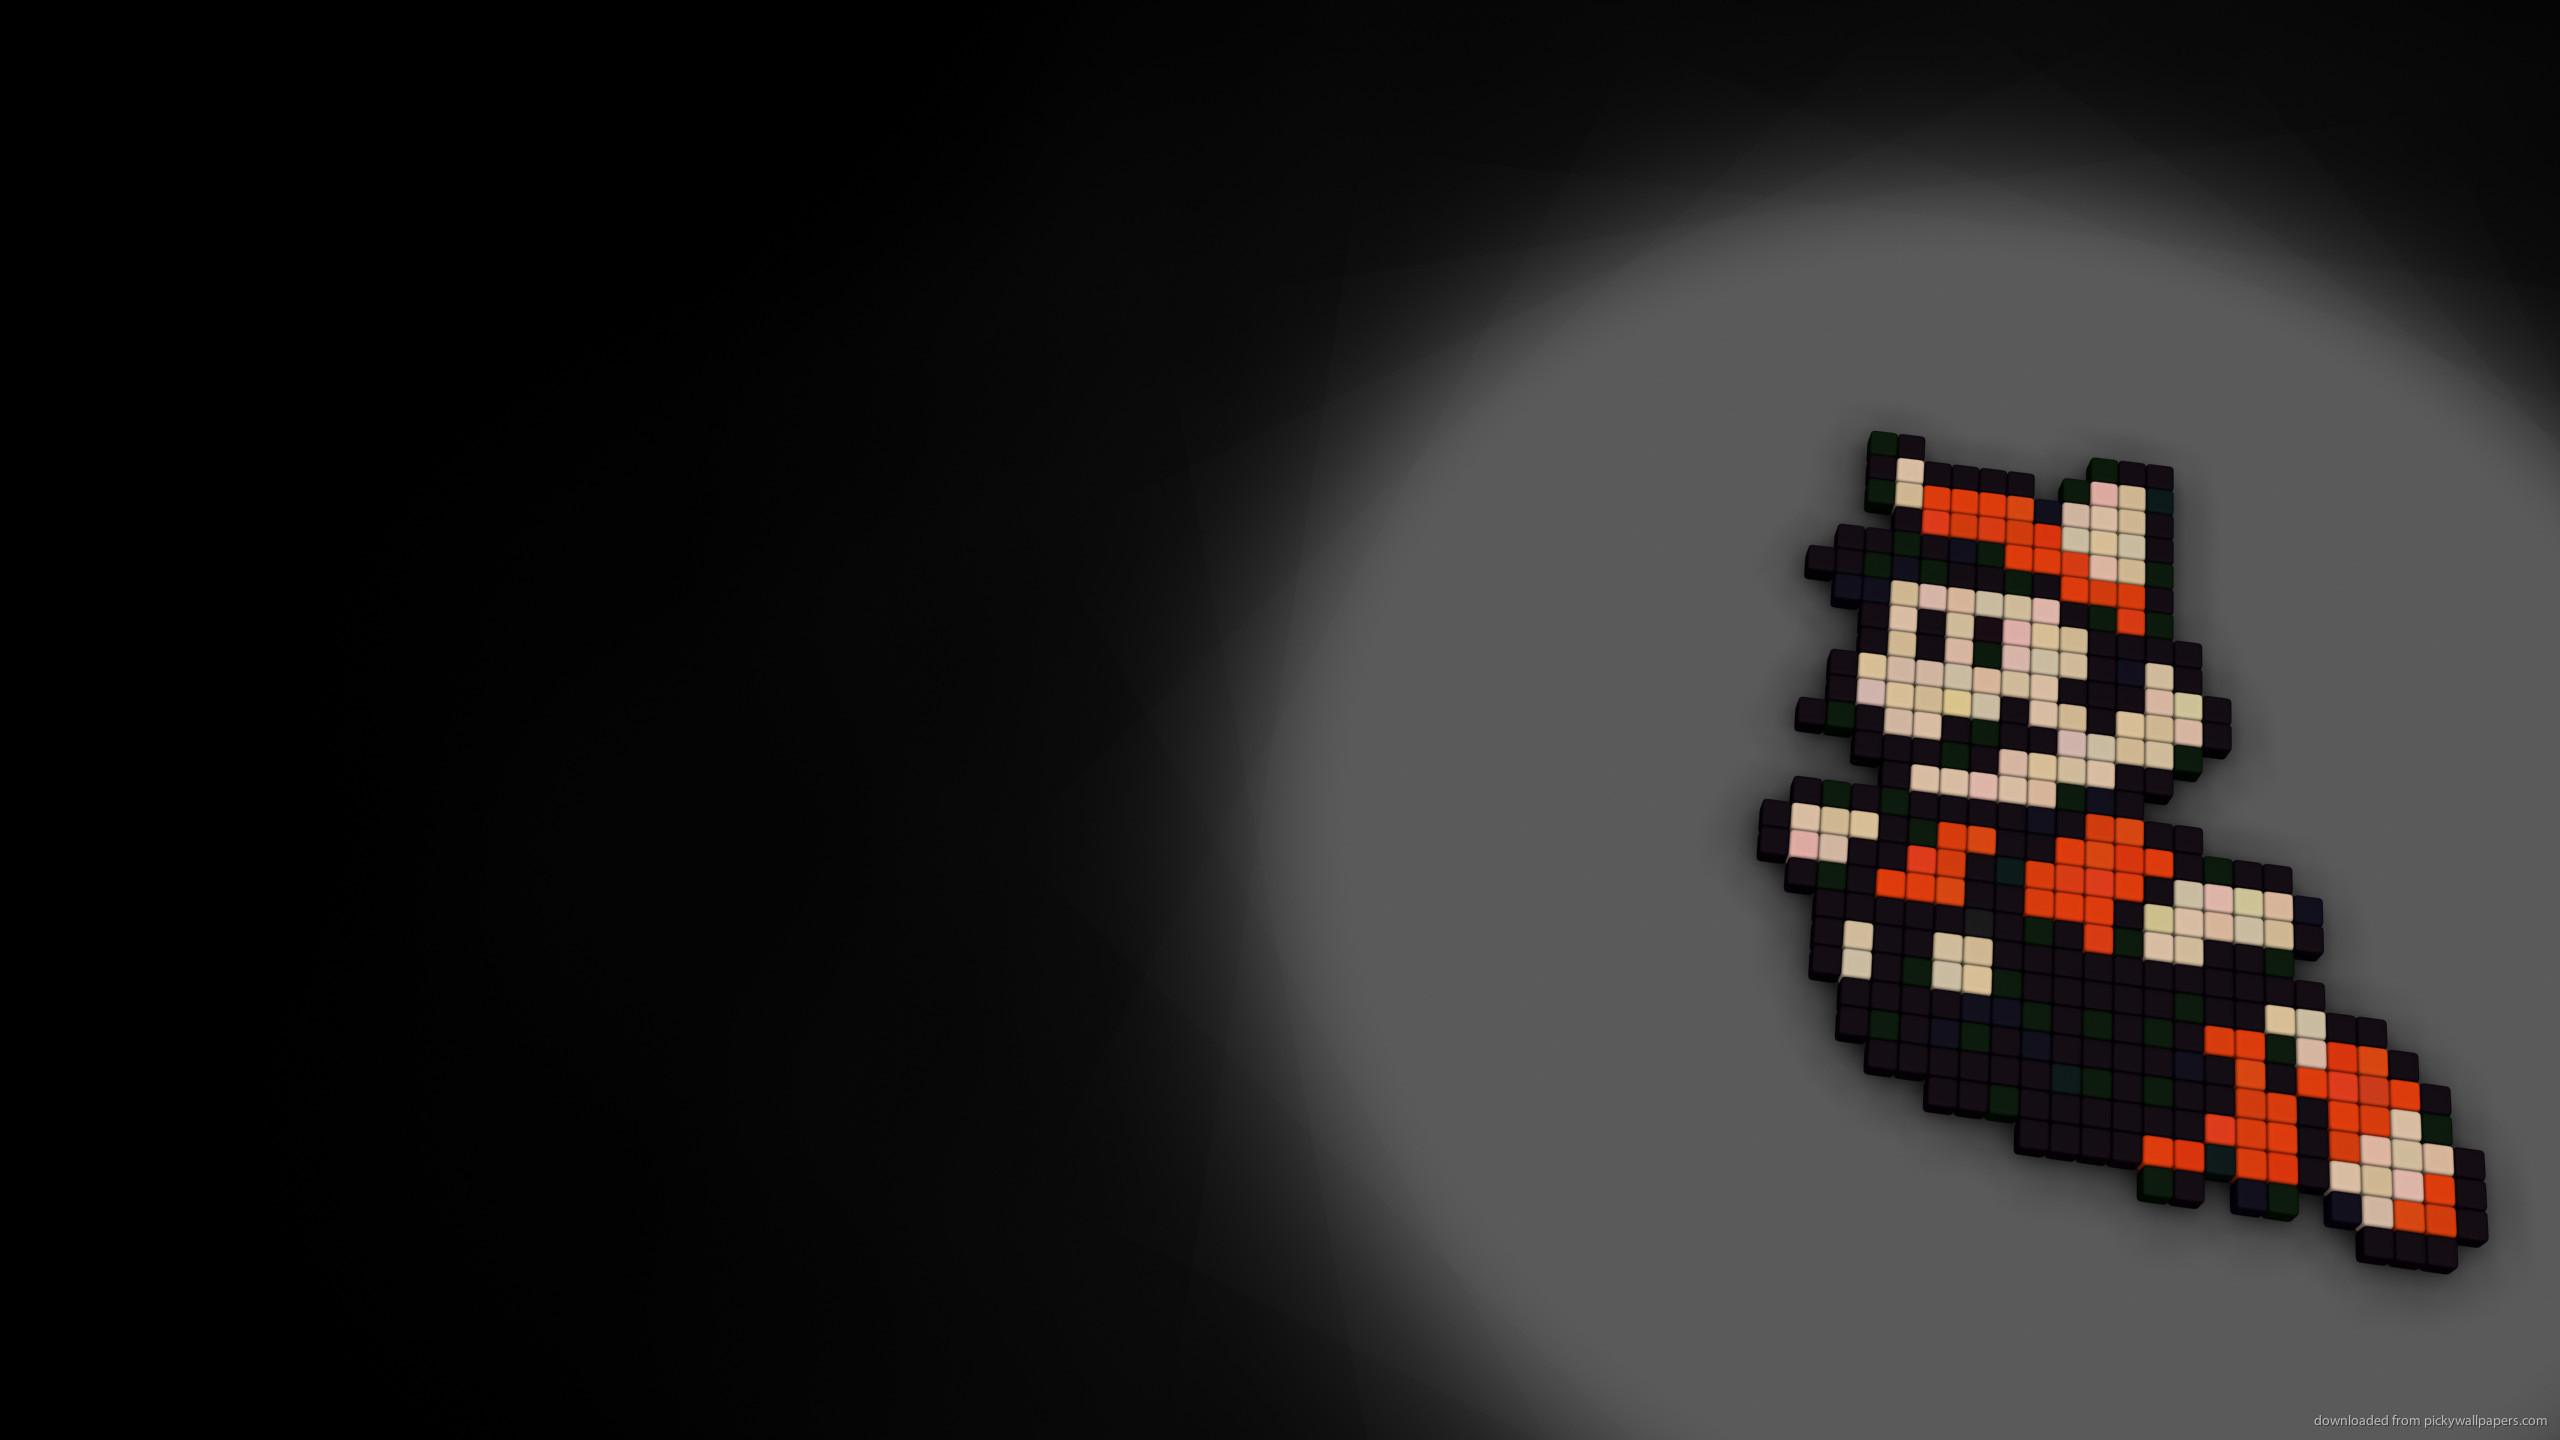 8-bit Mario for 2560×1440